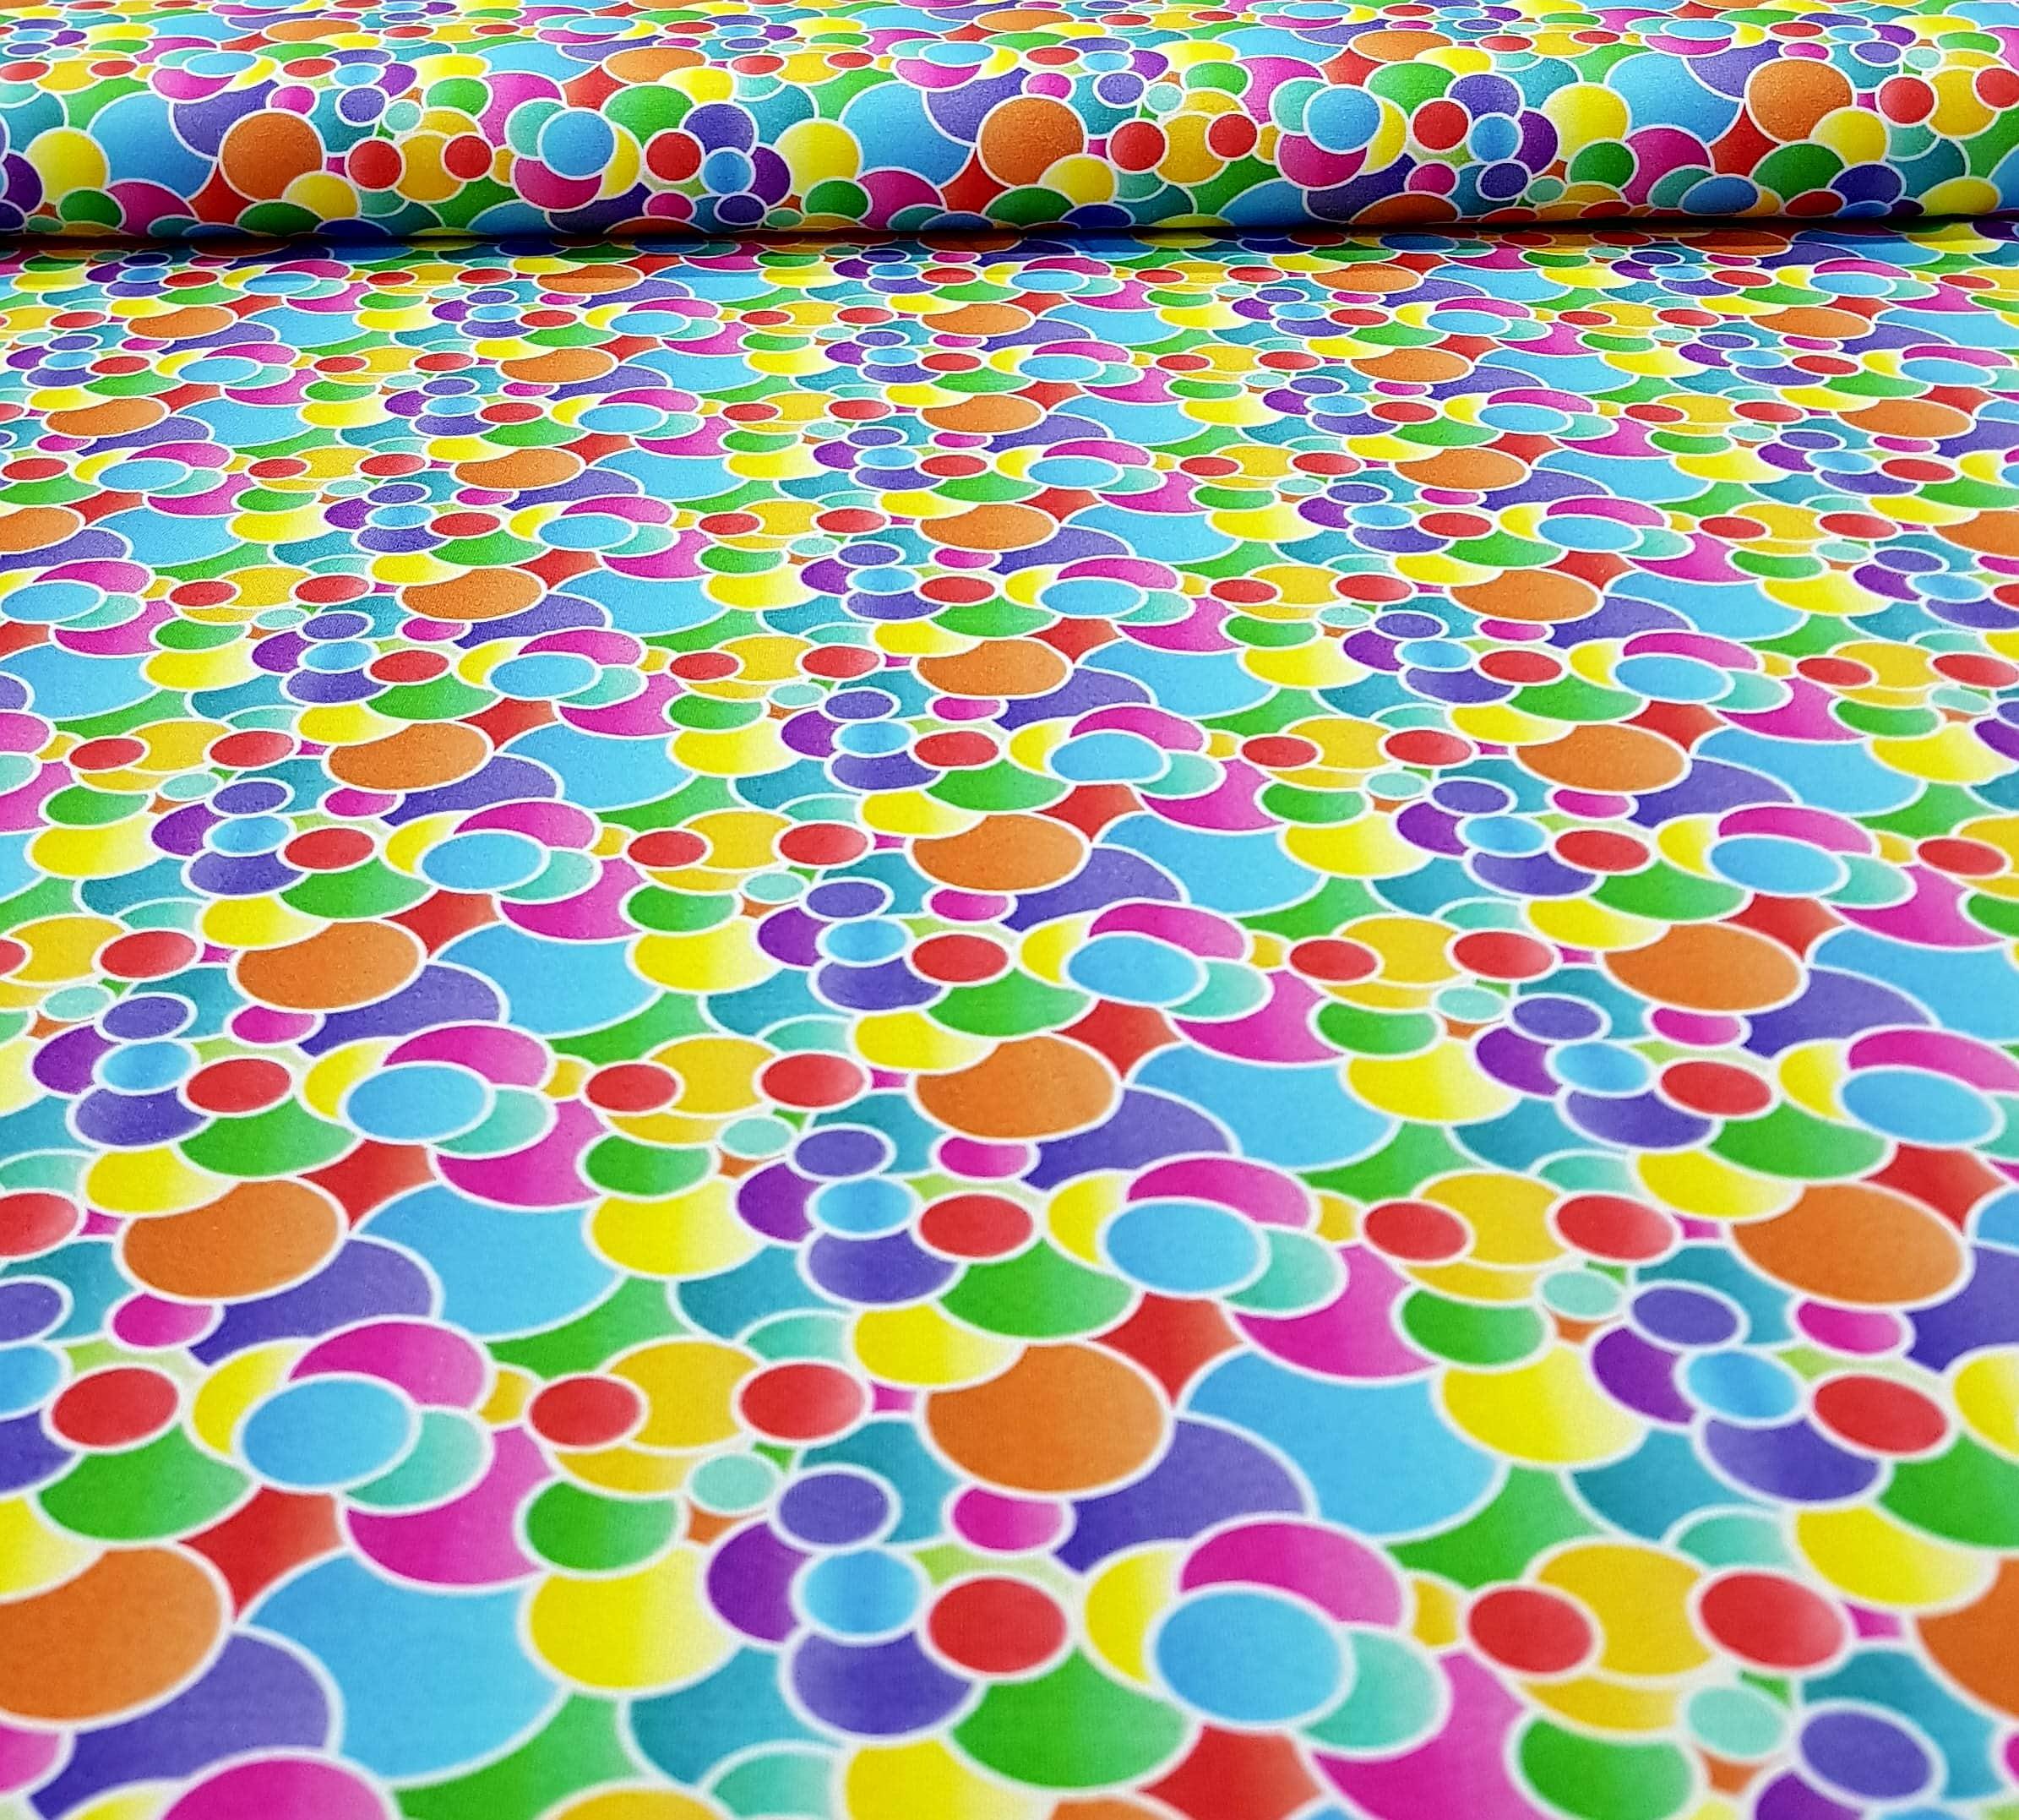 katoenentricotgekleurdeballenblauwgeel-min